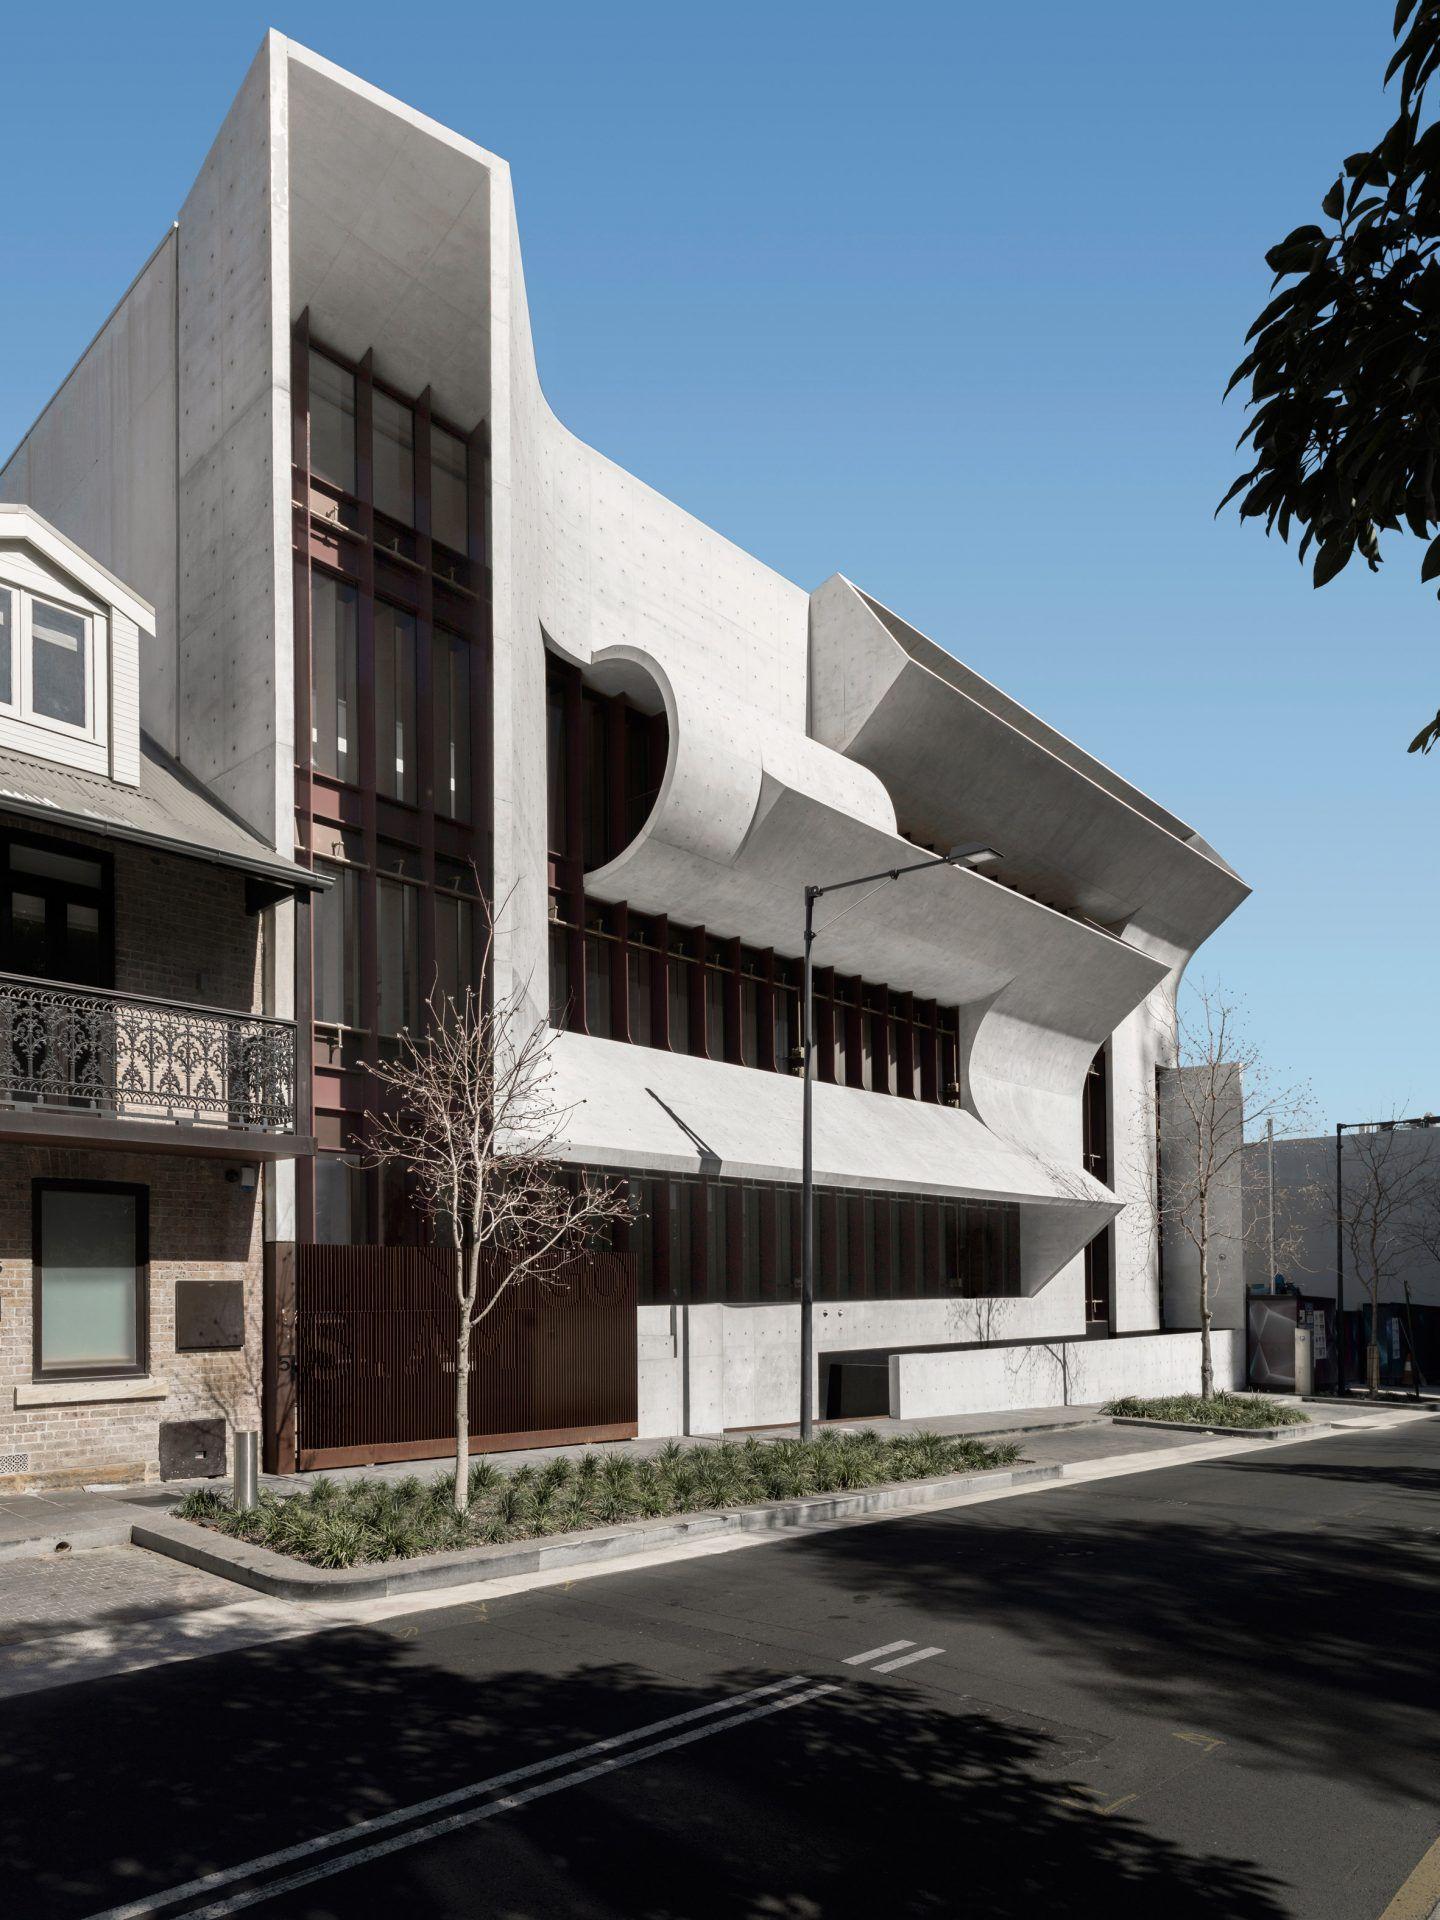 IGNANT-Architecture-Smart-Design-Studio-Indigo-Slam-015